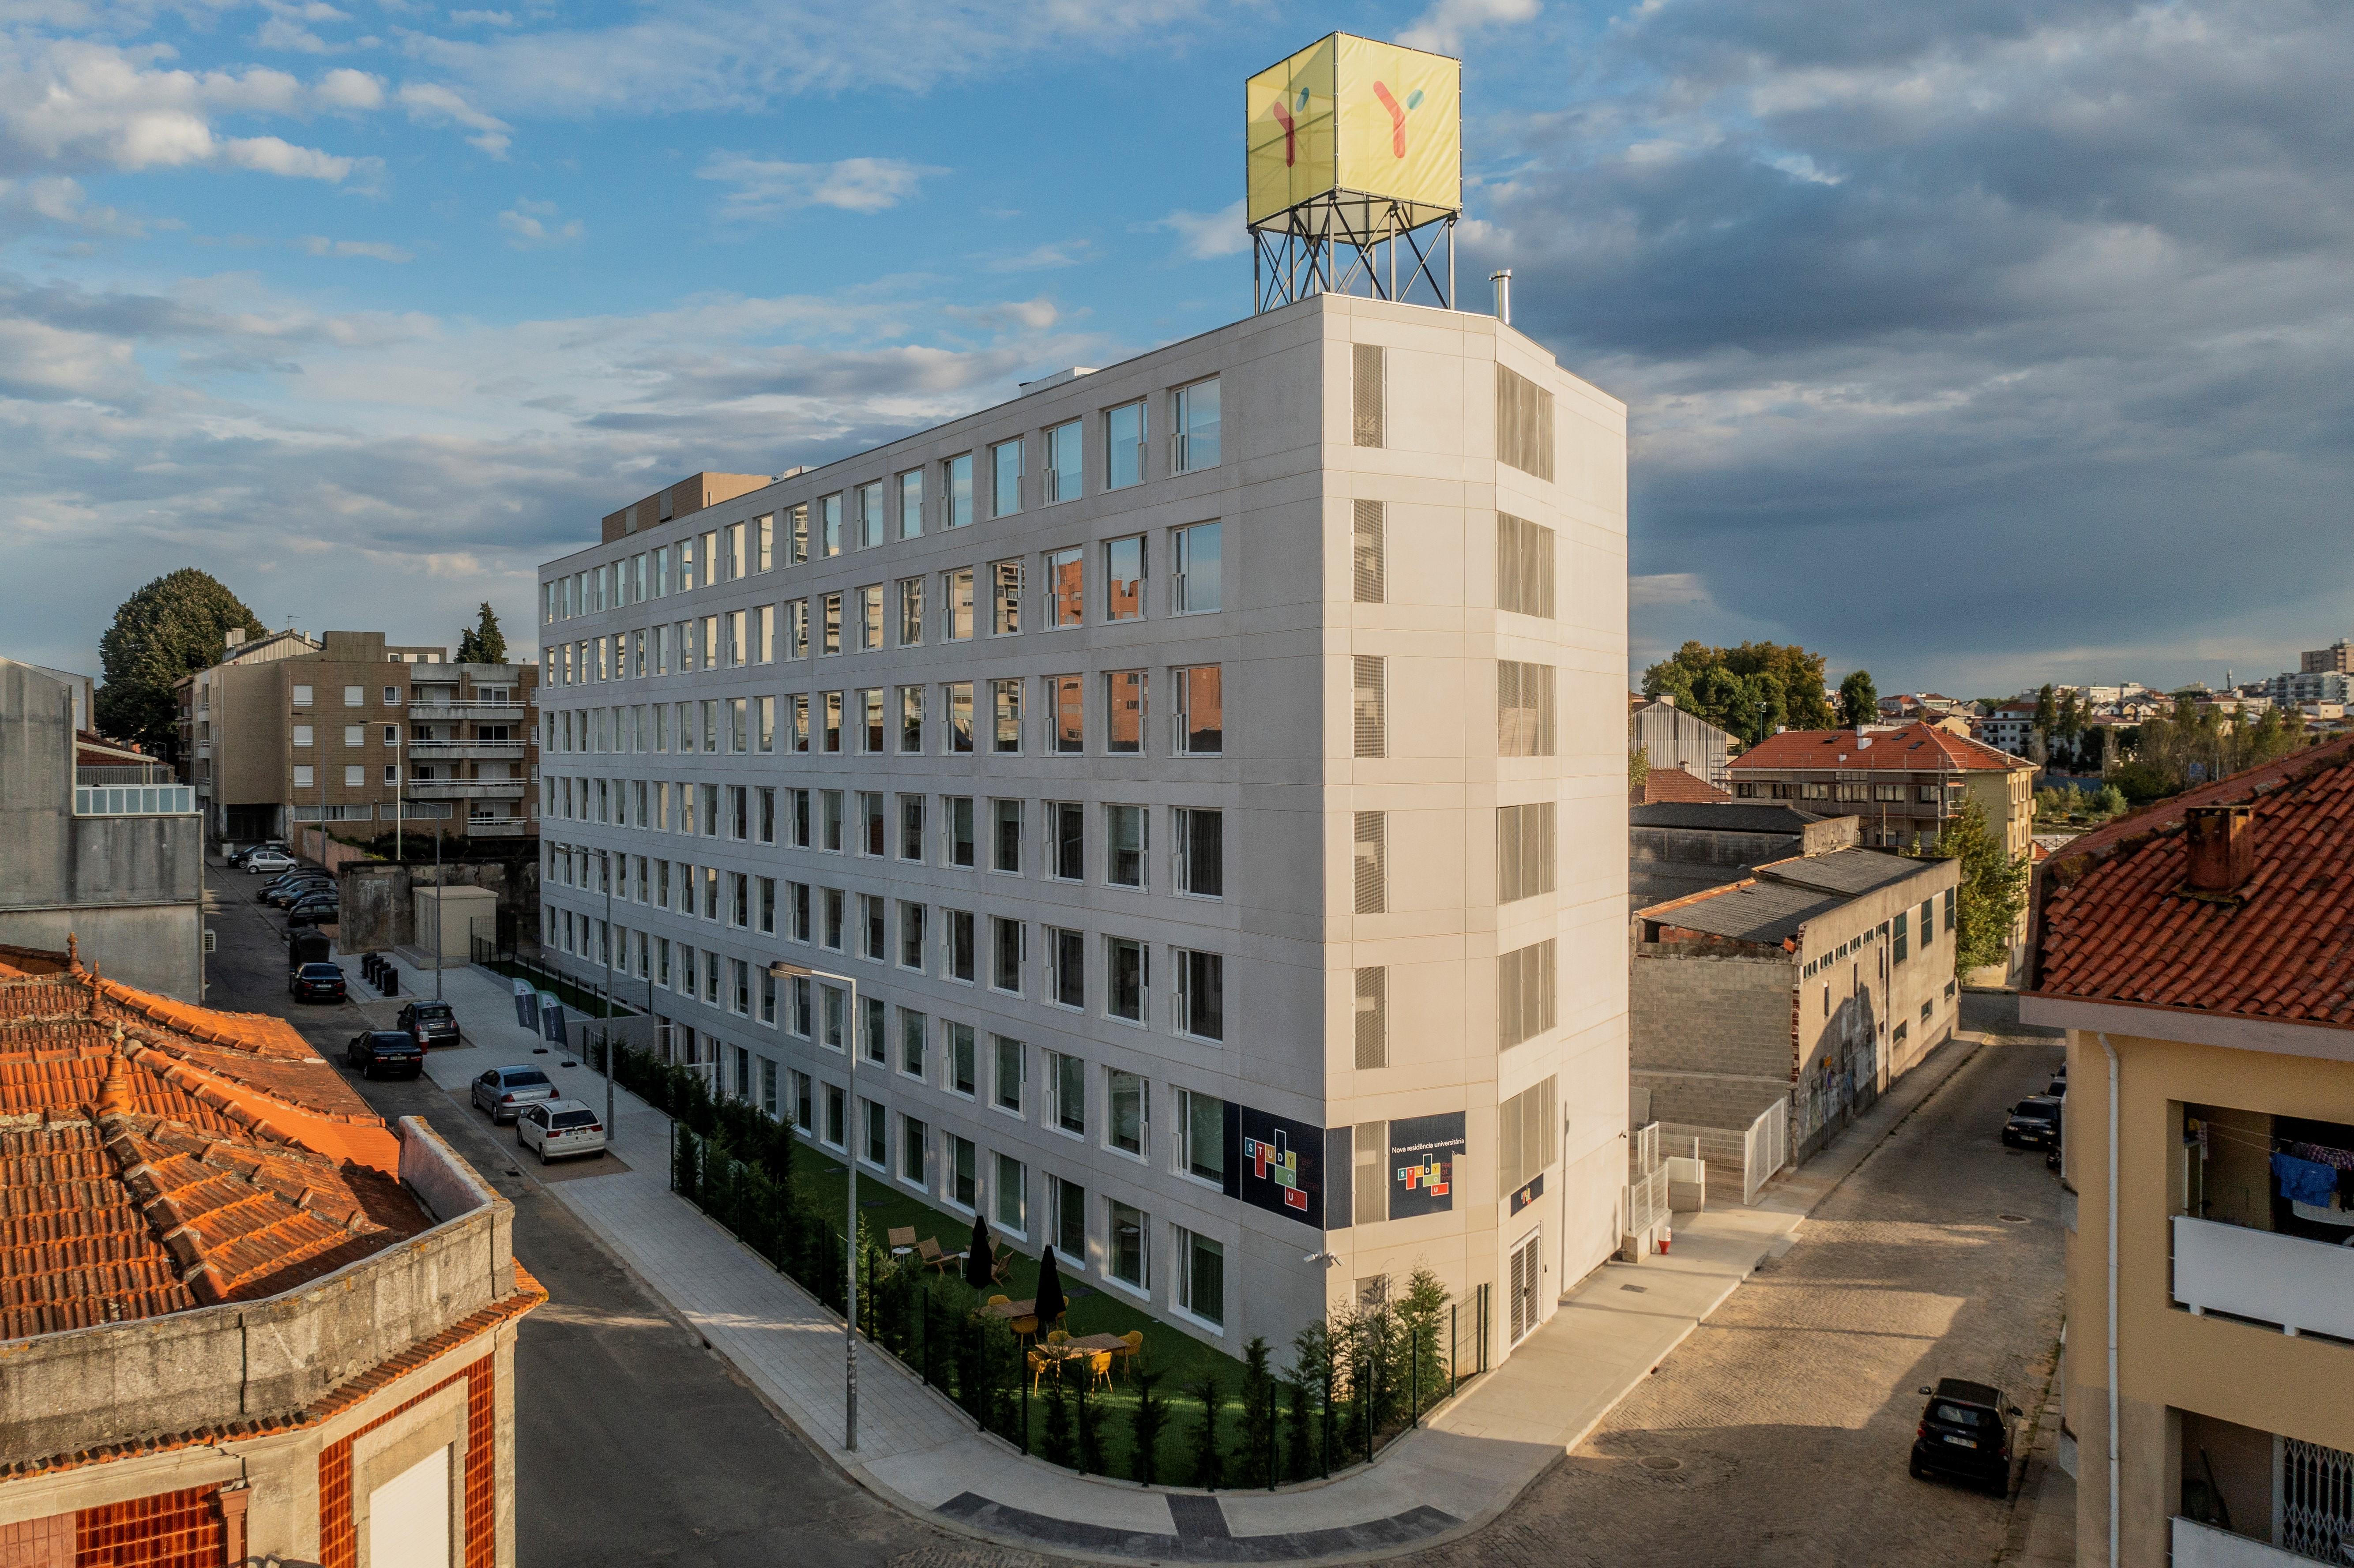 Residência de estudantes Studyou no Porto